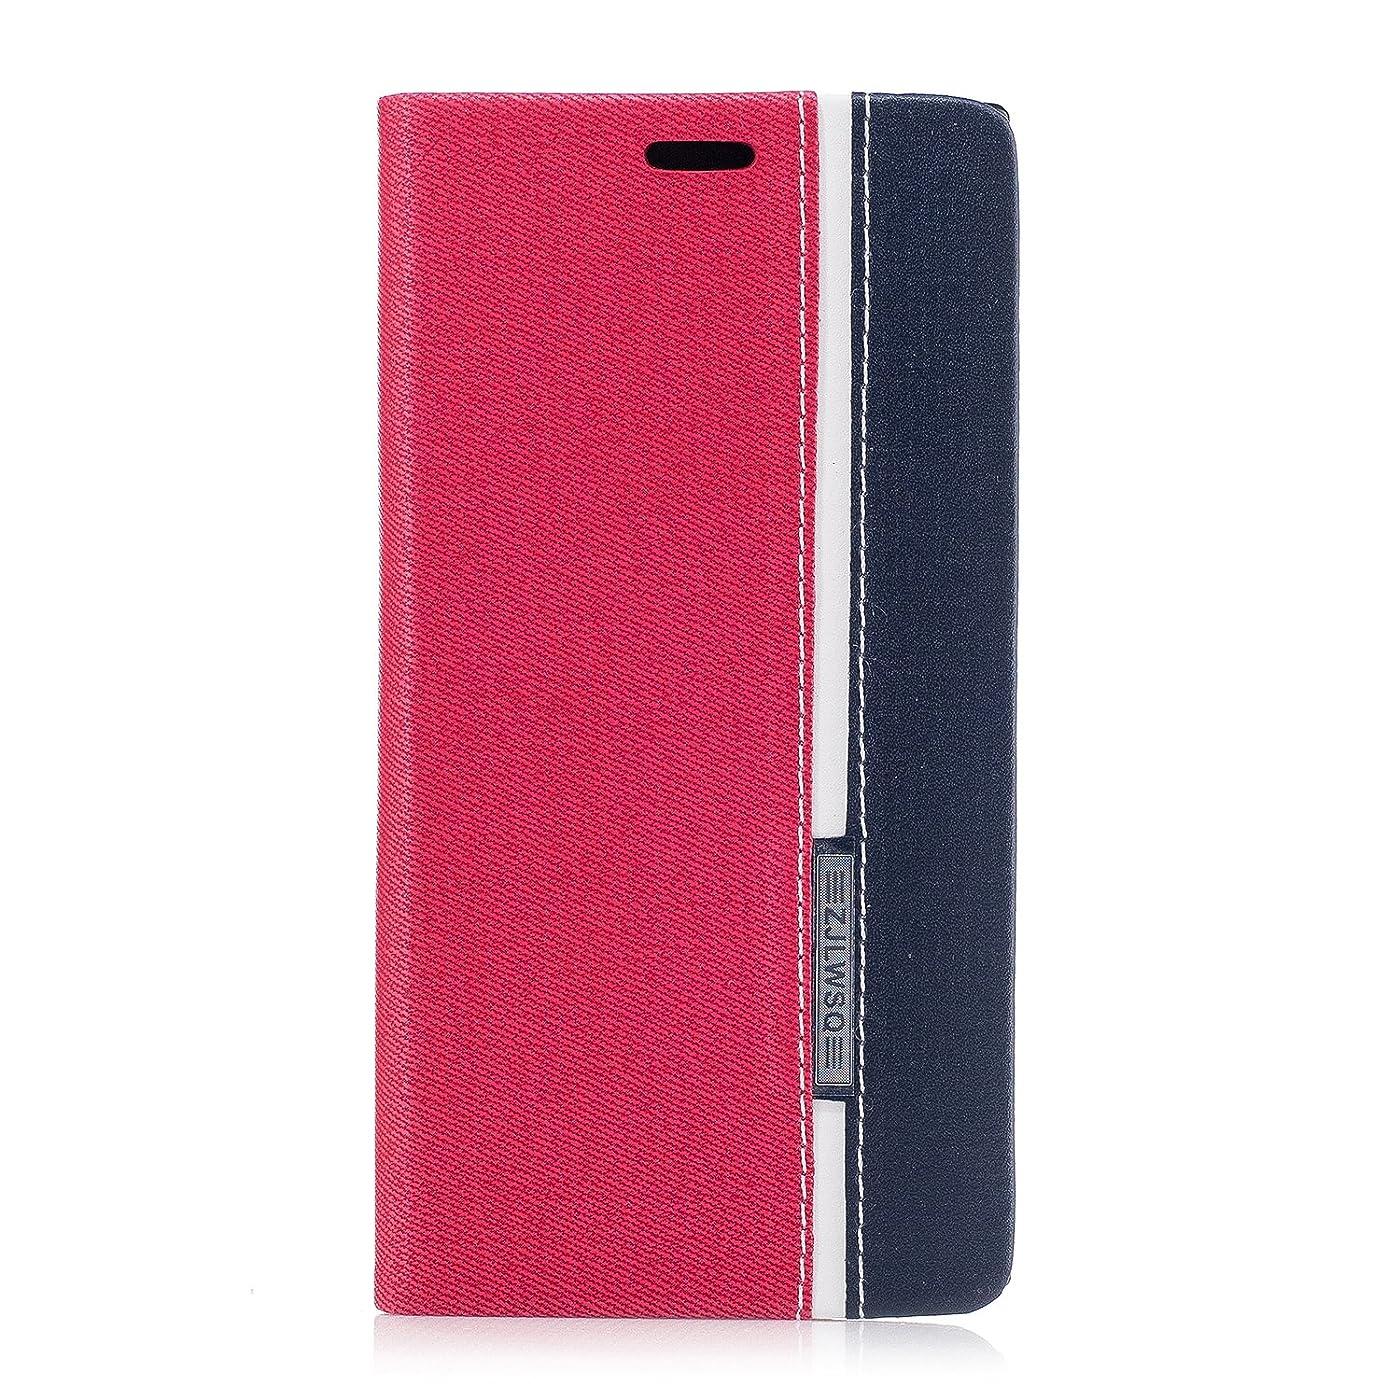 めったに主人誘うOJIBAK SONY Xperia XA1 ケース SONY Xperia XA1 ケースおしゃれ 高級感 人気 携帯カバー 保護ケース/SONY Xperia XA1 対応